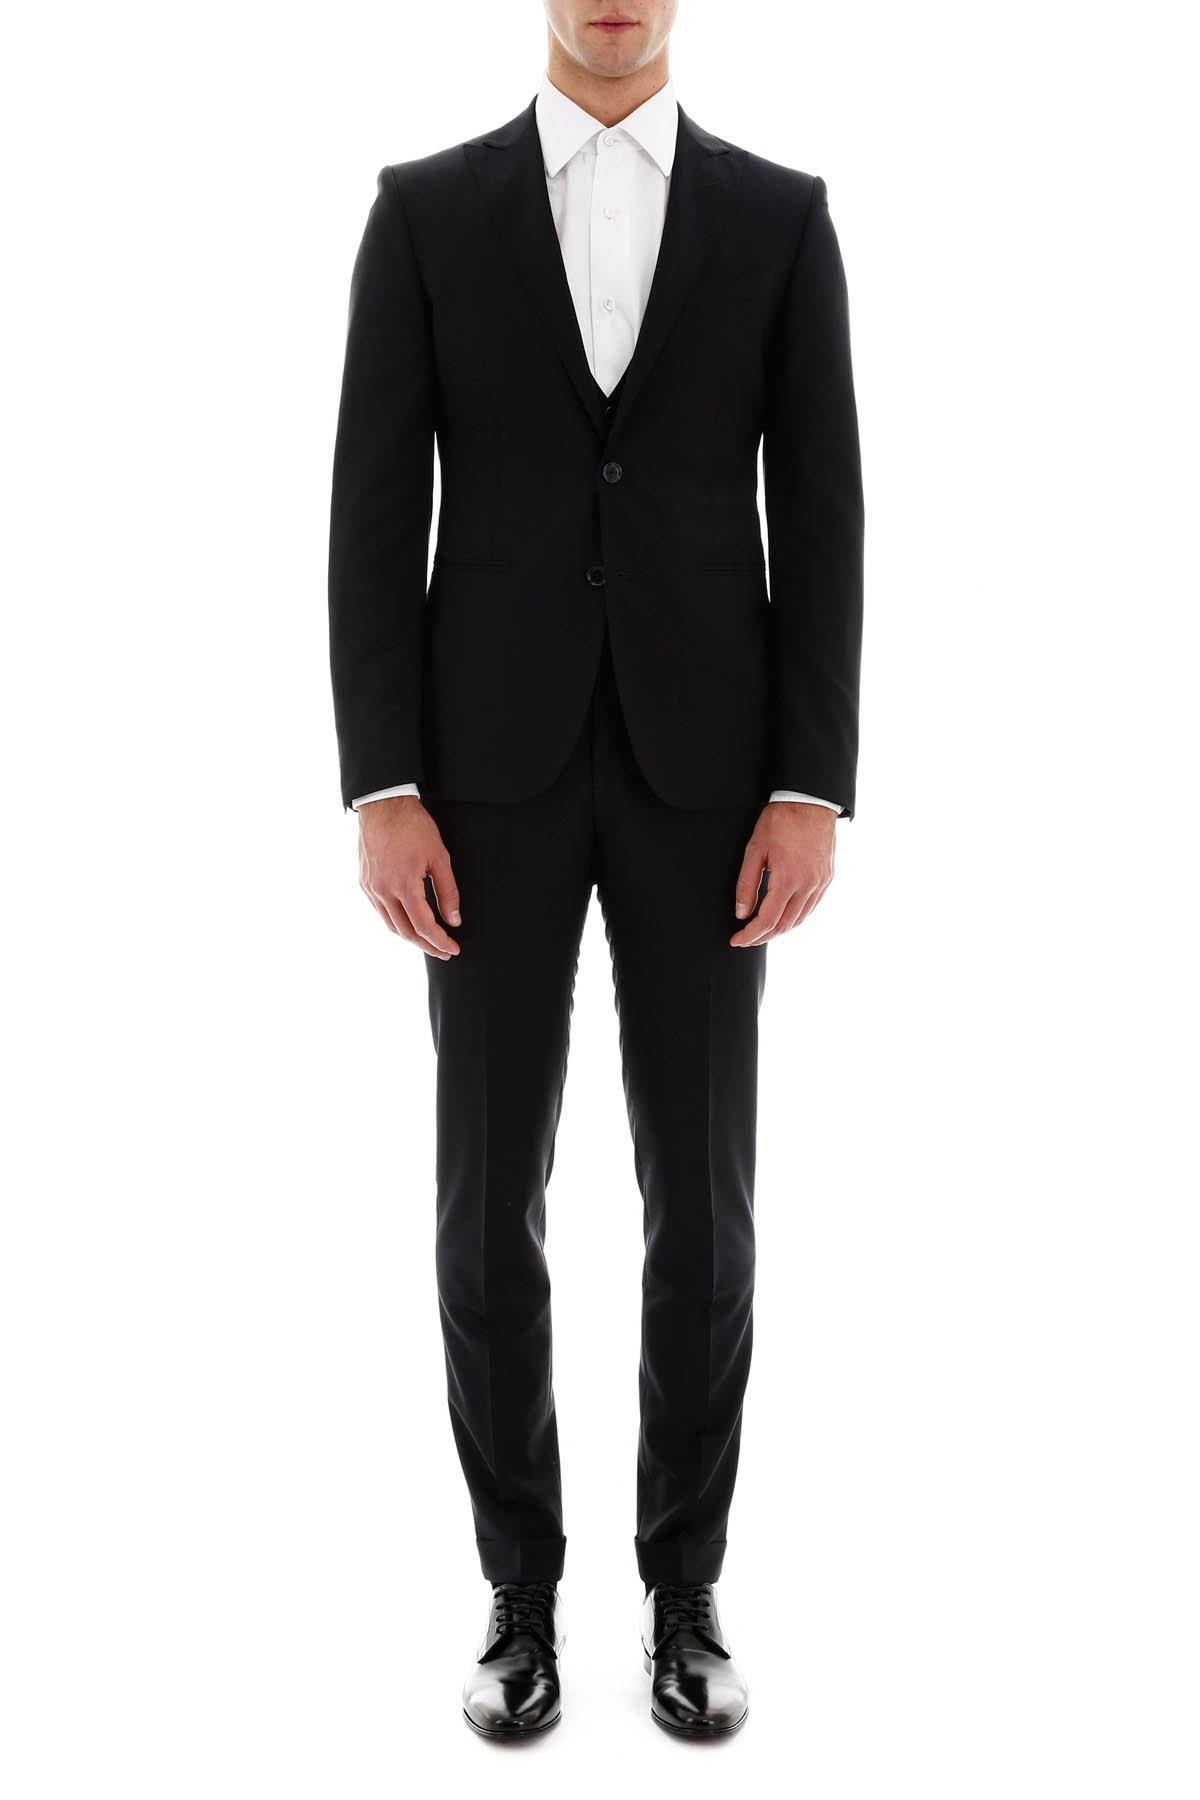 Cc collection corneliani abito cerimonia con gilet